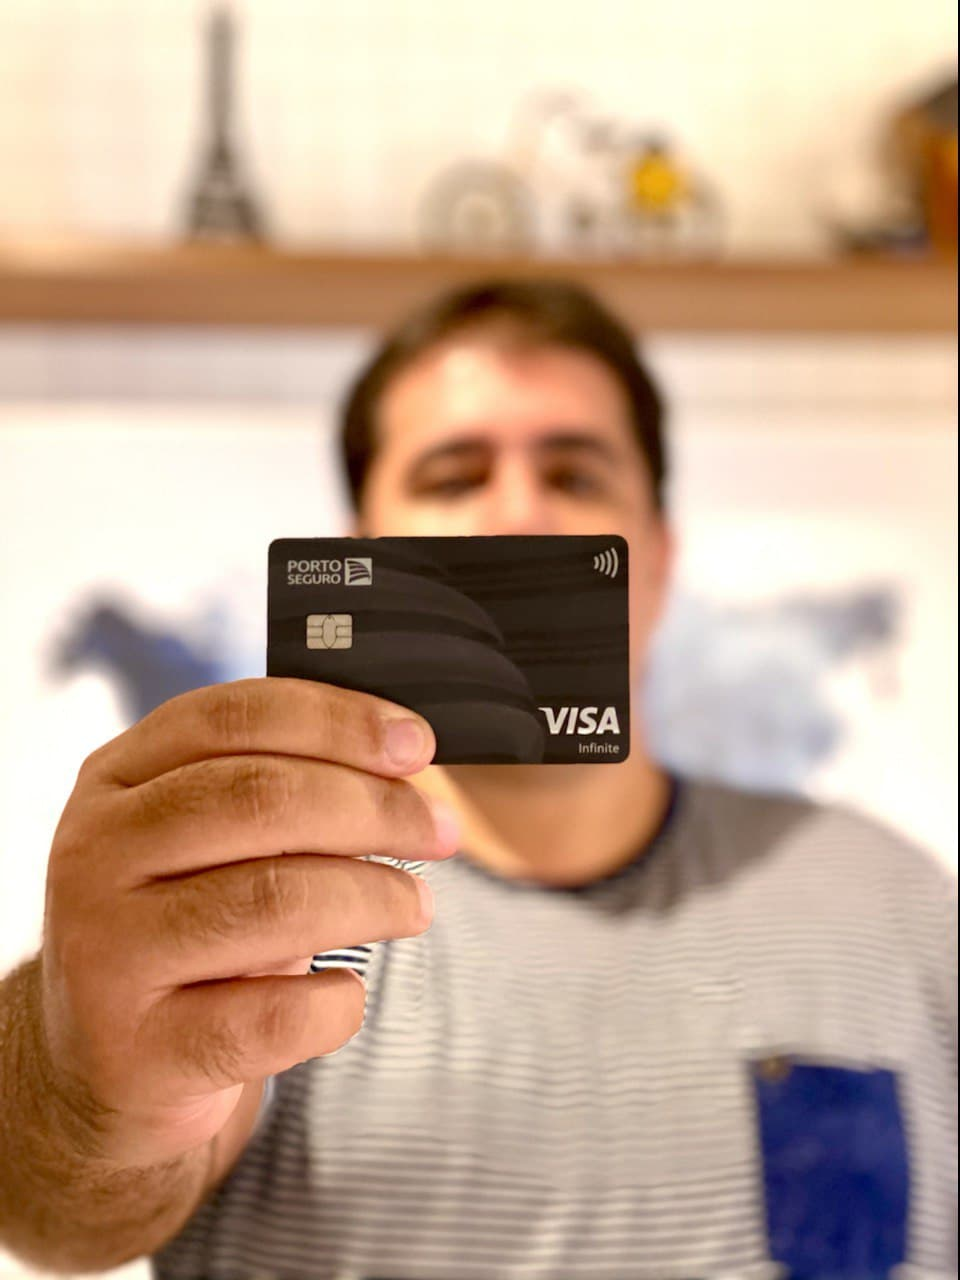 Gabriel Dias e seu cartão Porto Seguro Visa Infinite